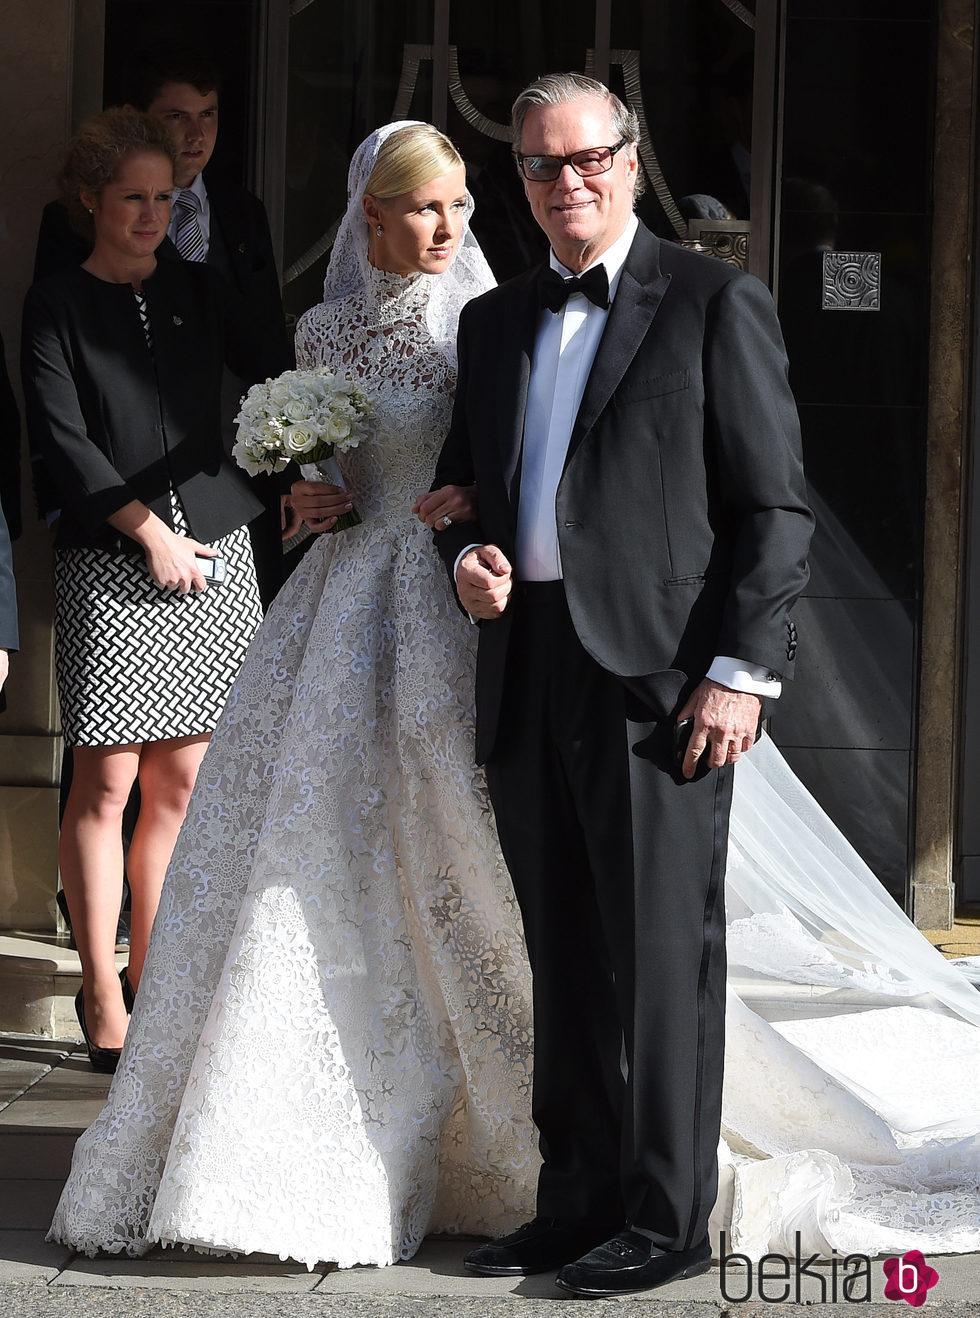 Nicky Hilton acompañada de su padre Richard Hilton en el día de su boda